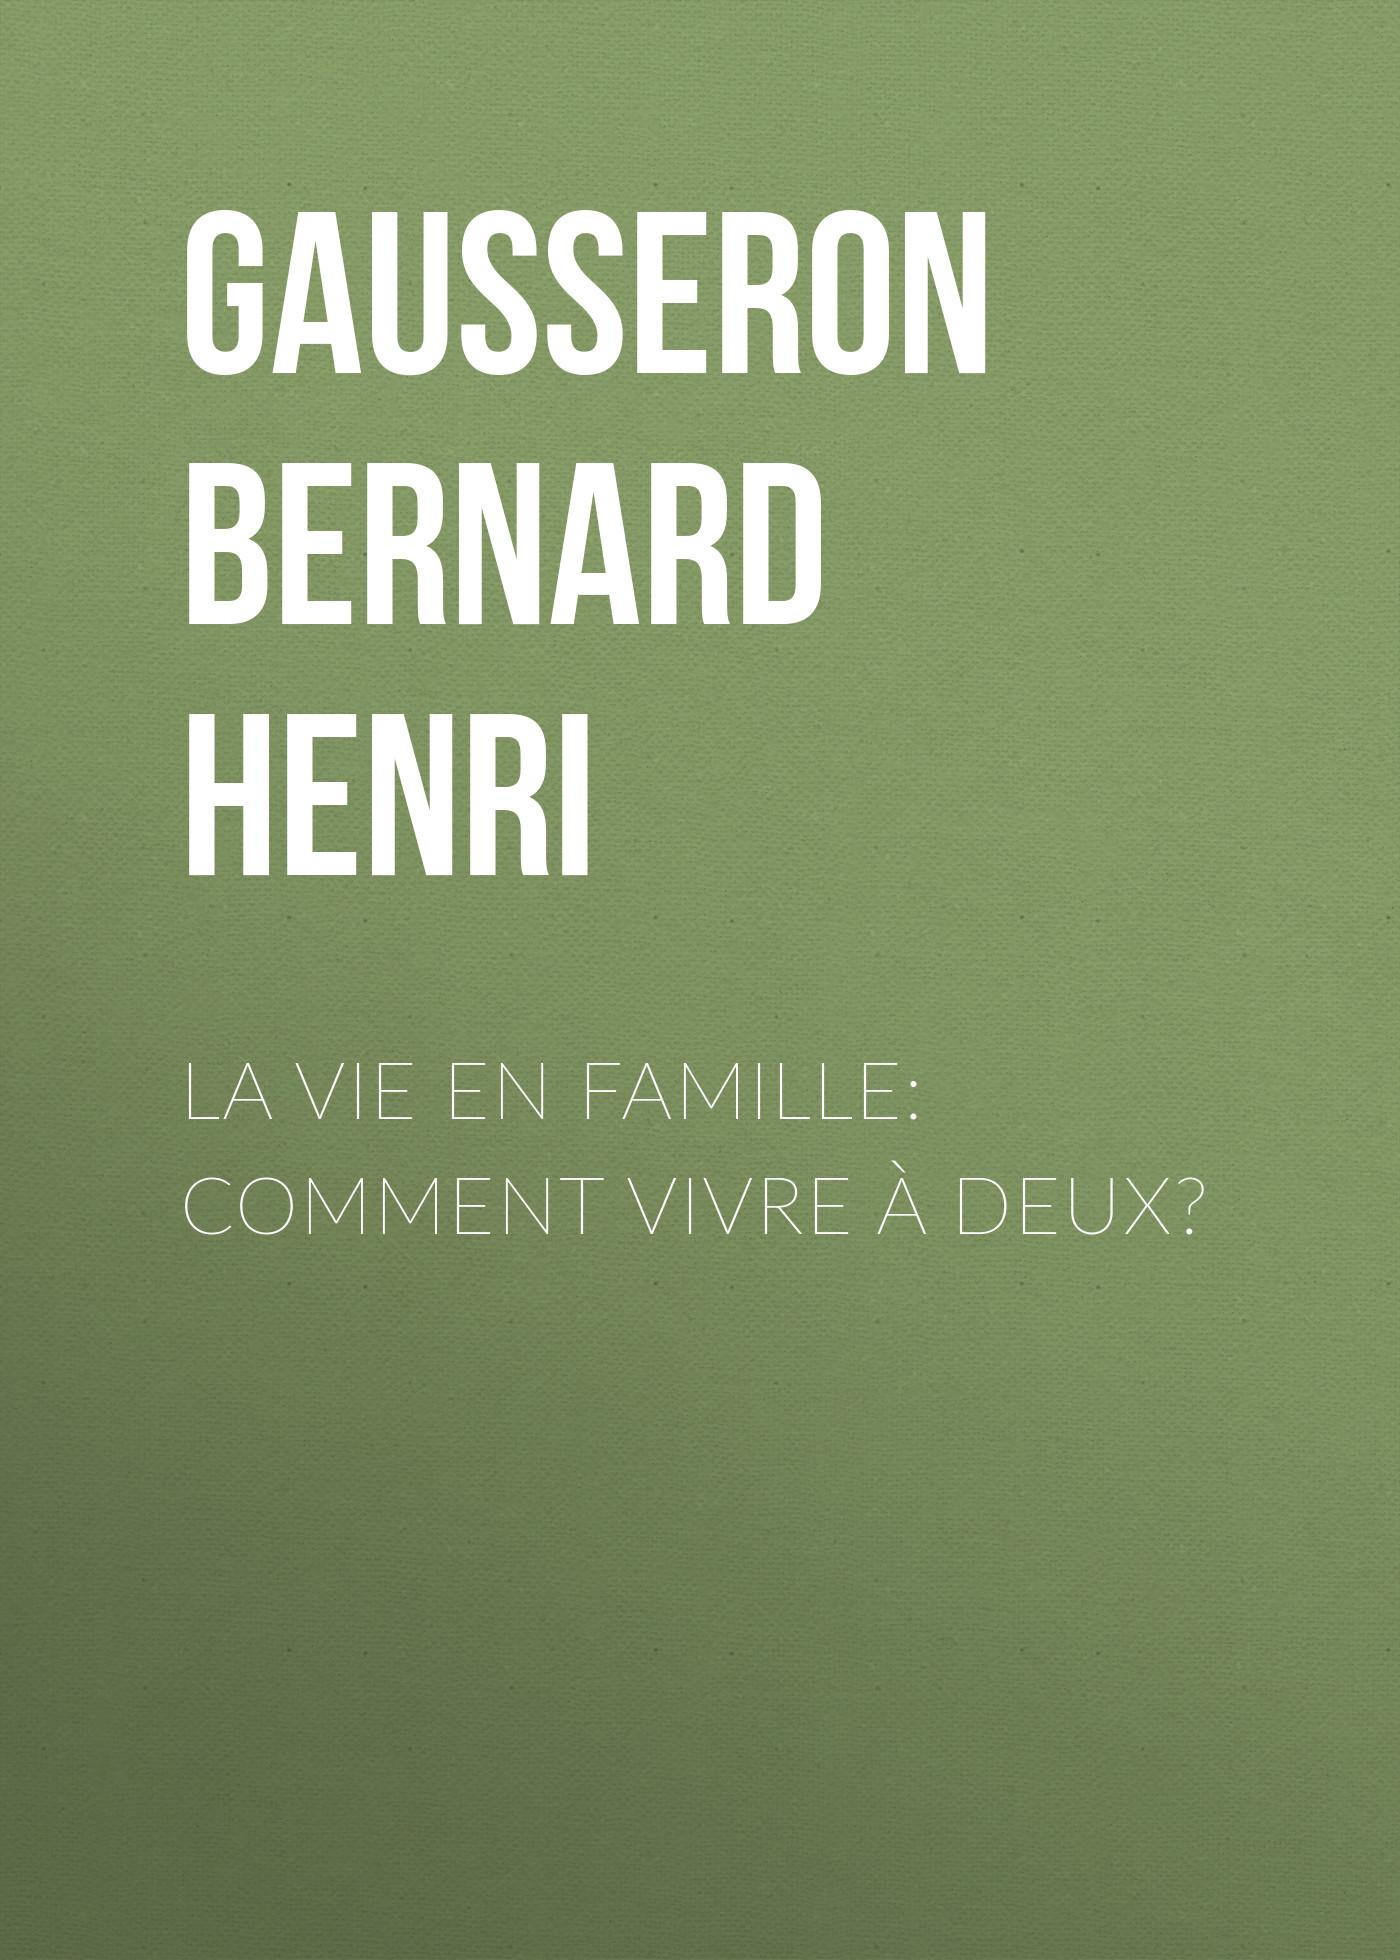 Gausseron Bernard Henri La Vie en Famille: Comment Vivre à Deux? vivre vite